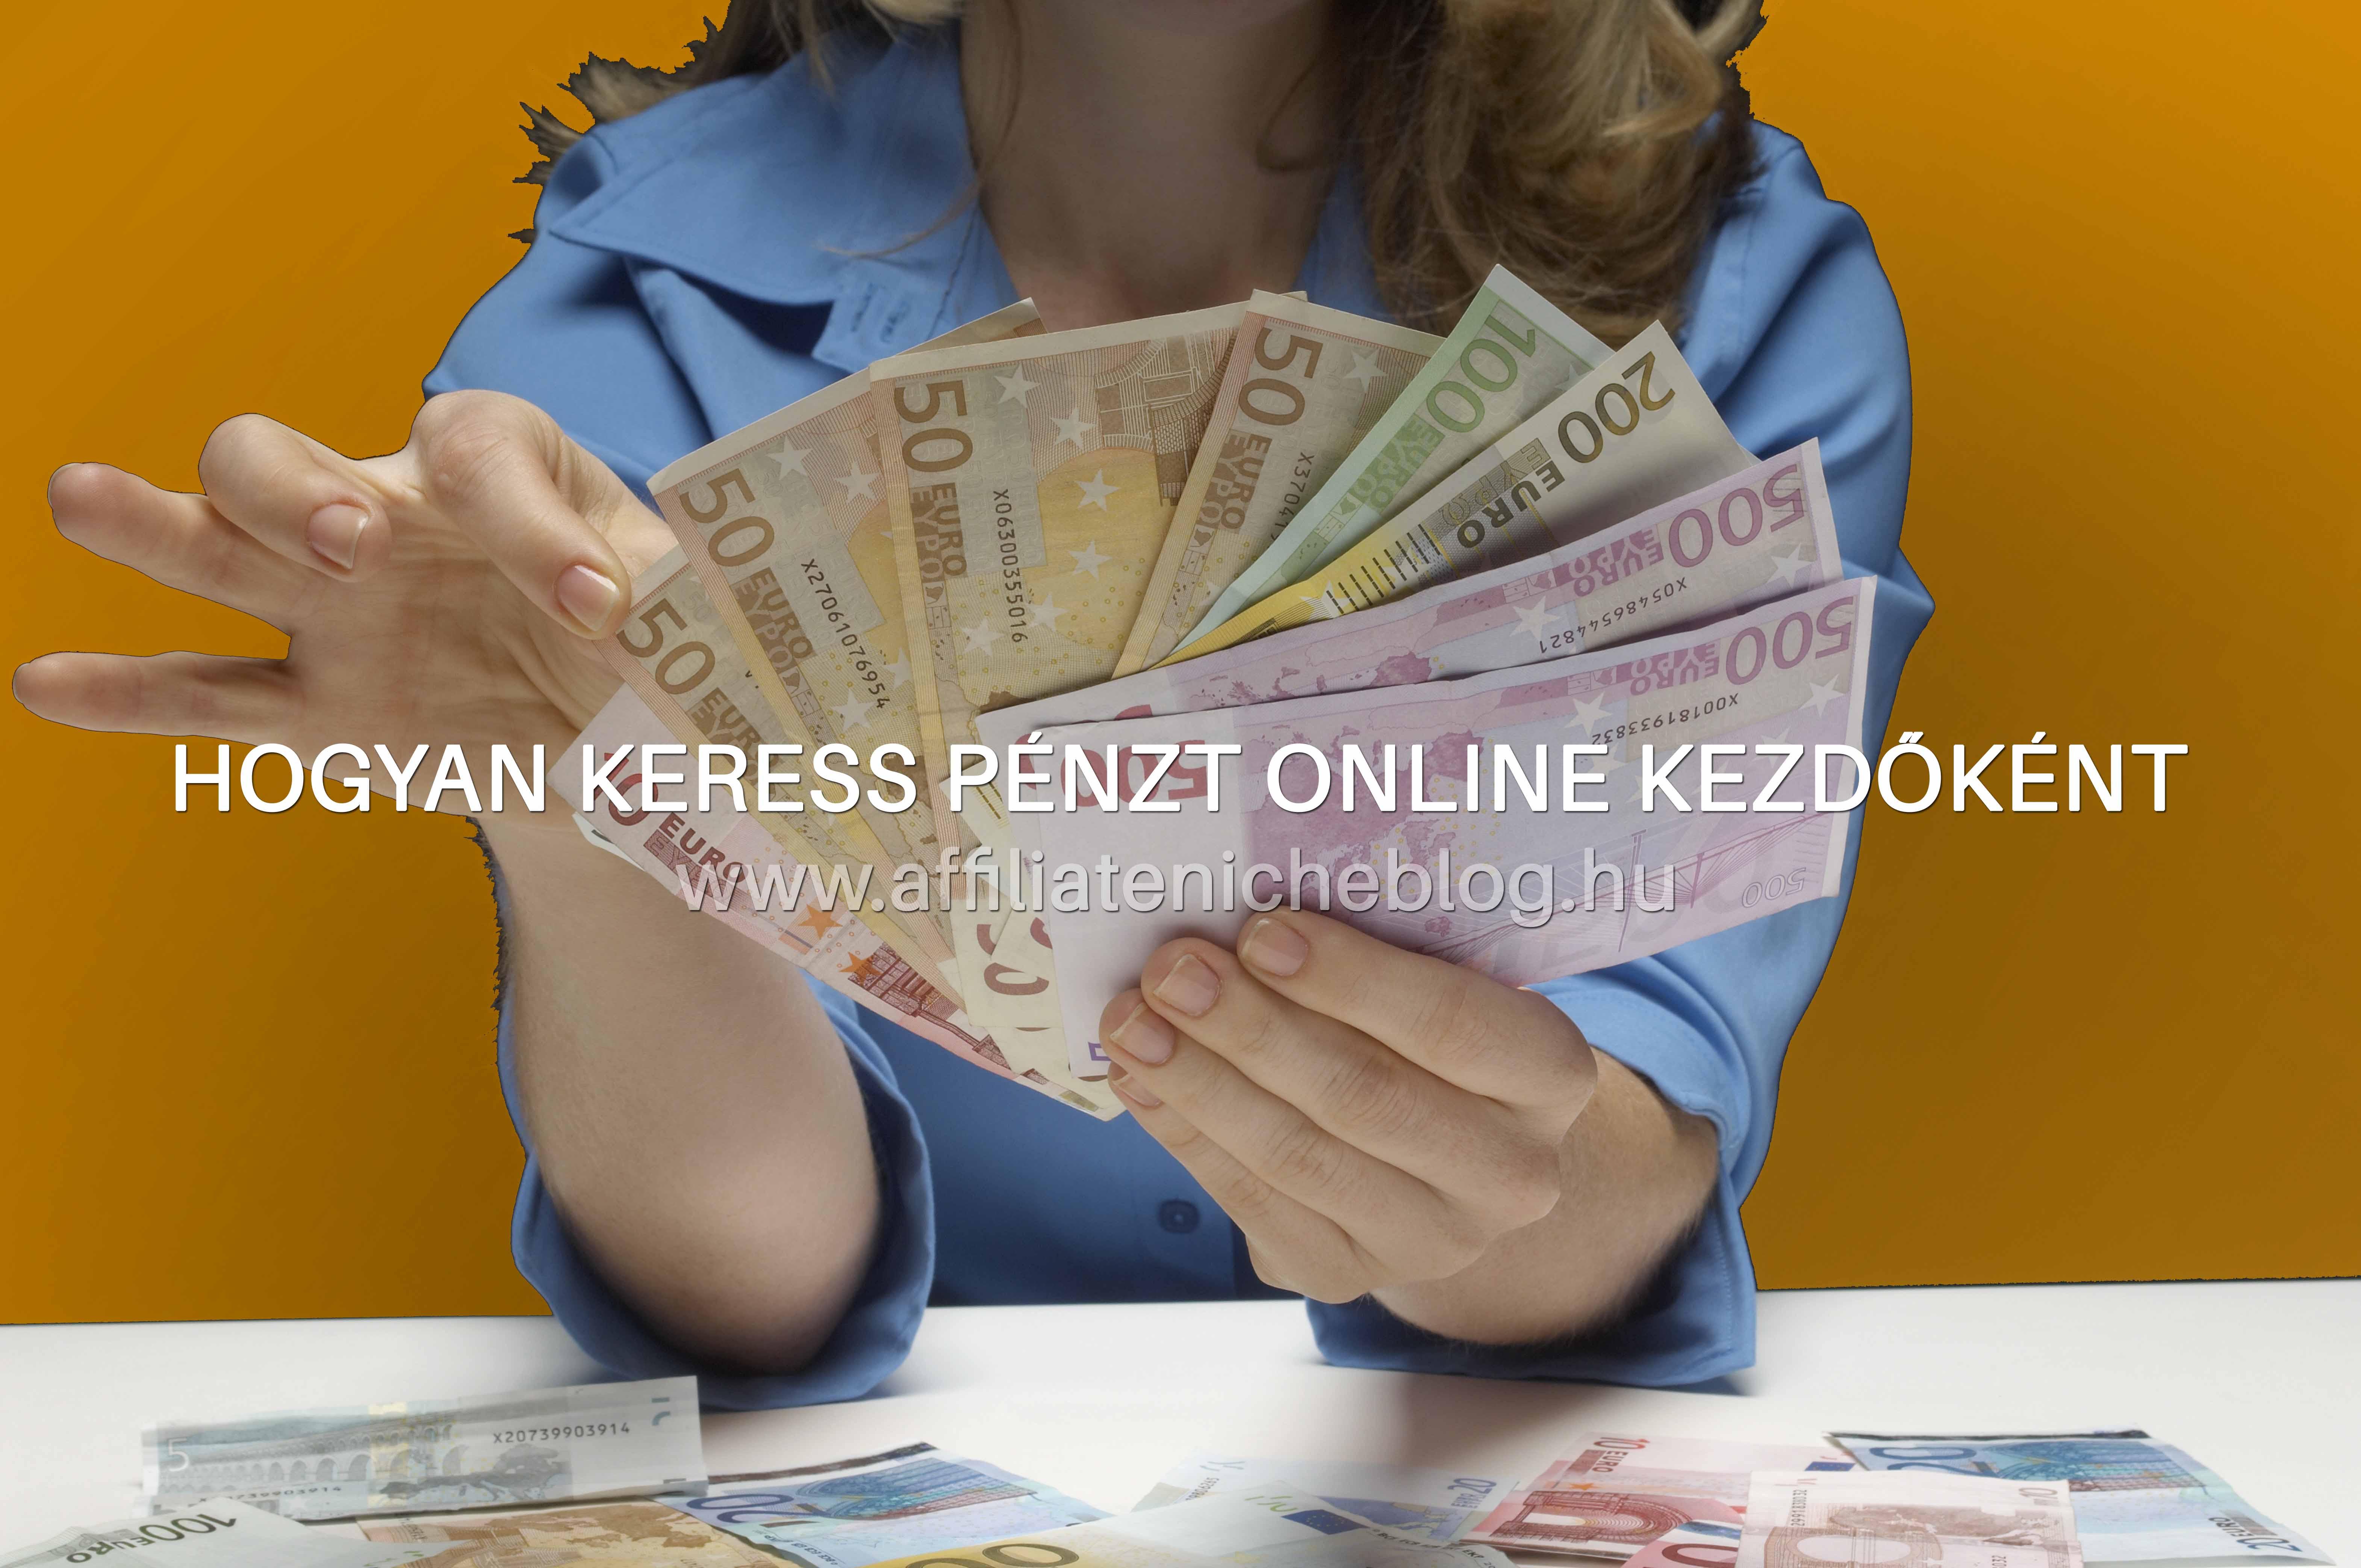 weboldalon keresztül lehet pénzt keresni internetes keresetekről szóló oktatóanyagok